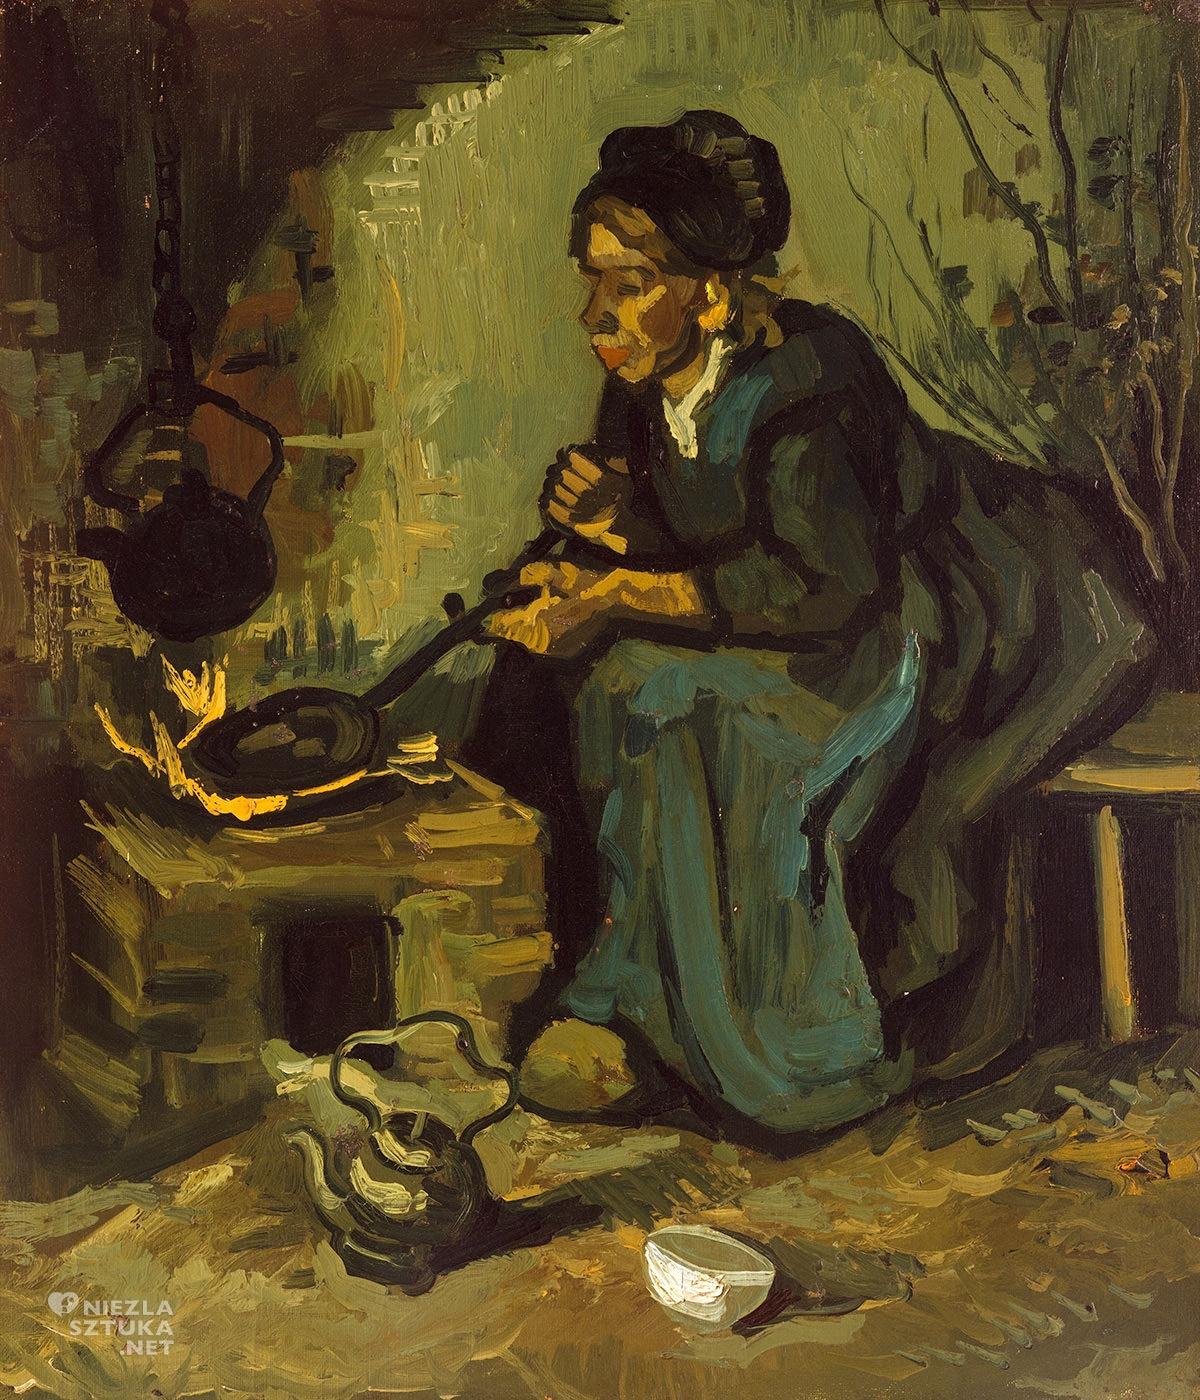 Vincent van Gogh, Chłopka gotująca na palenisku, Jedzący kartofle, Niezła Sztuka